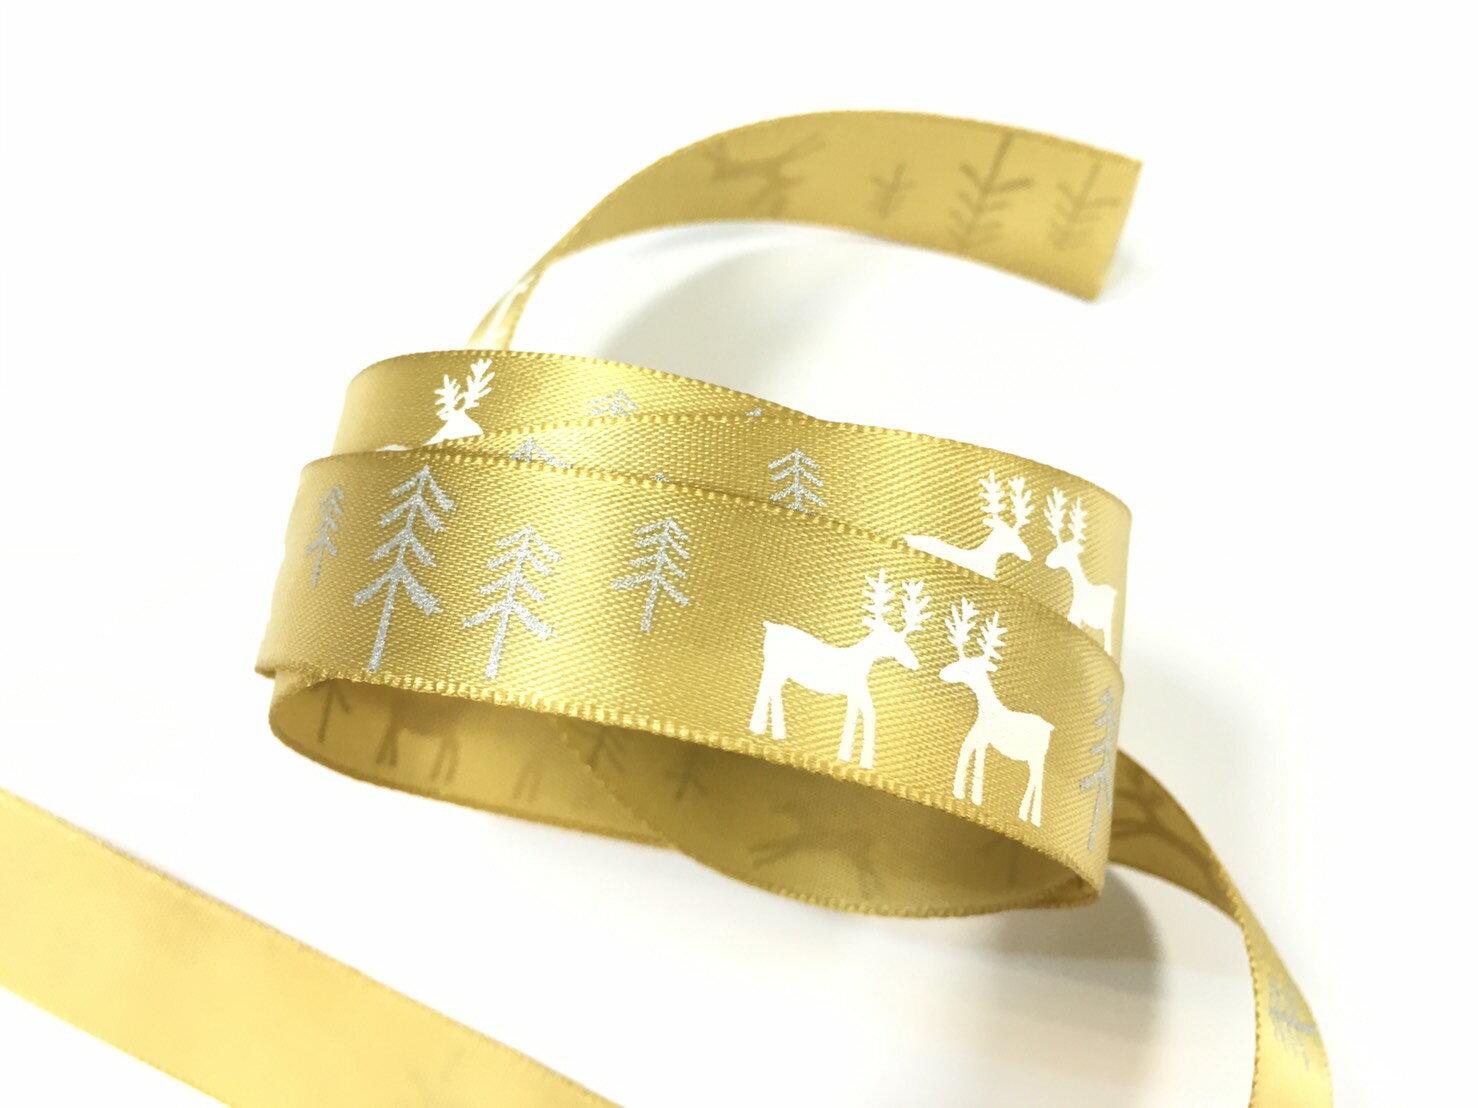 聖誕麋鹿雪樹緞帶15mm3碼裝(單緞面7色) 1